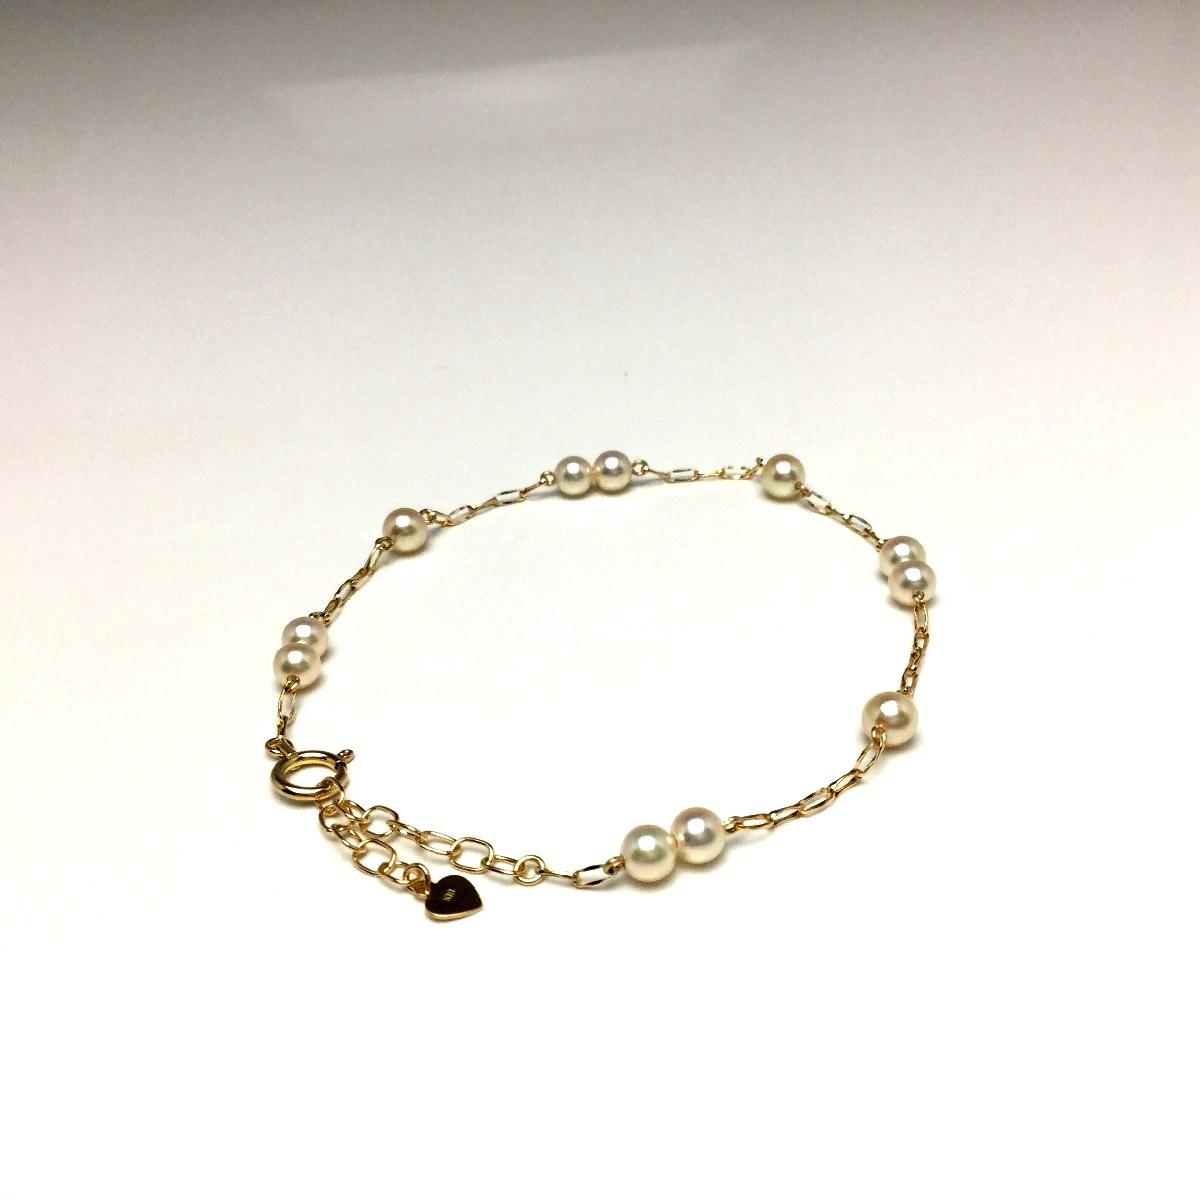 真珠 ブレスレット パール アコヤ真珠 4.0-4.5mm ホワイトピンク K18 イエローゴールド チェーン 66650 イソワパール